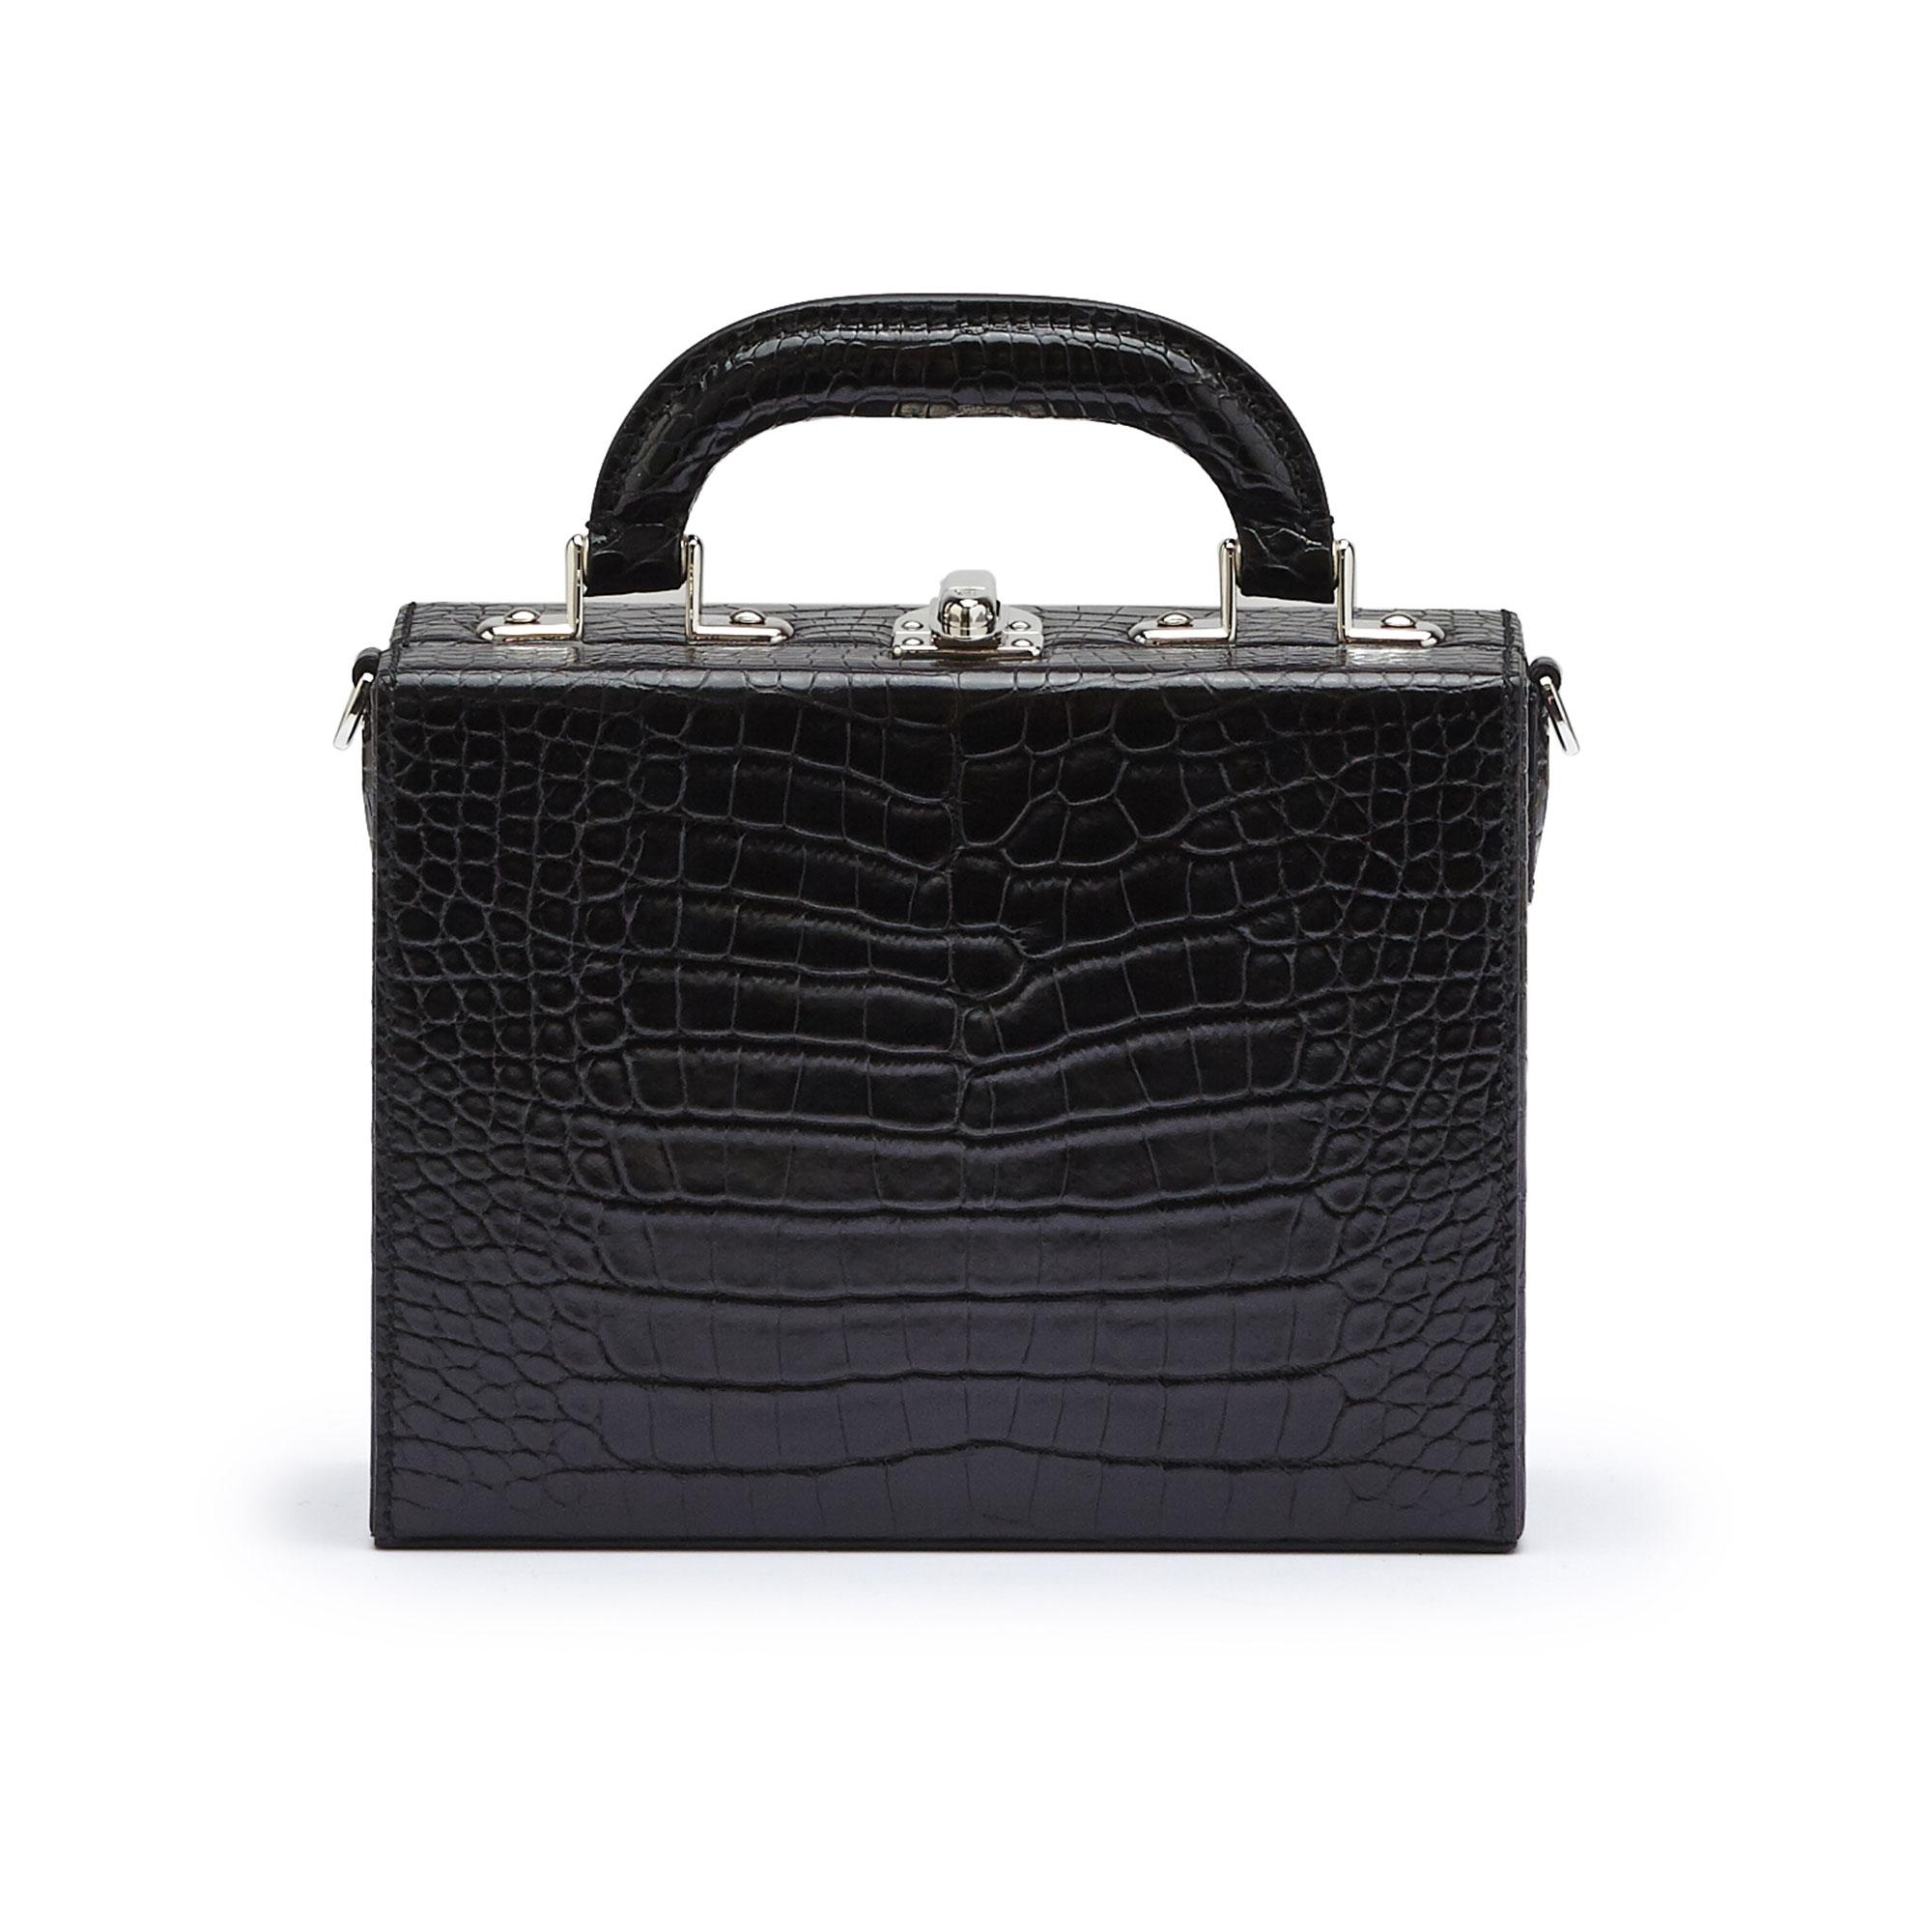 The black alligator Mini Squared Bertoncina bag by Bertoni 1949 01